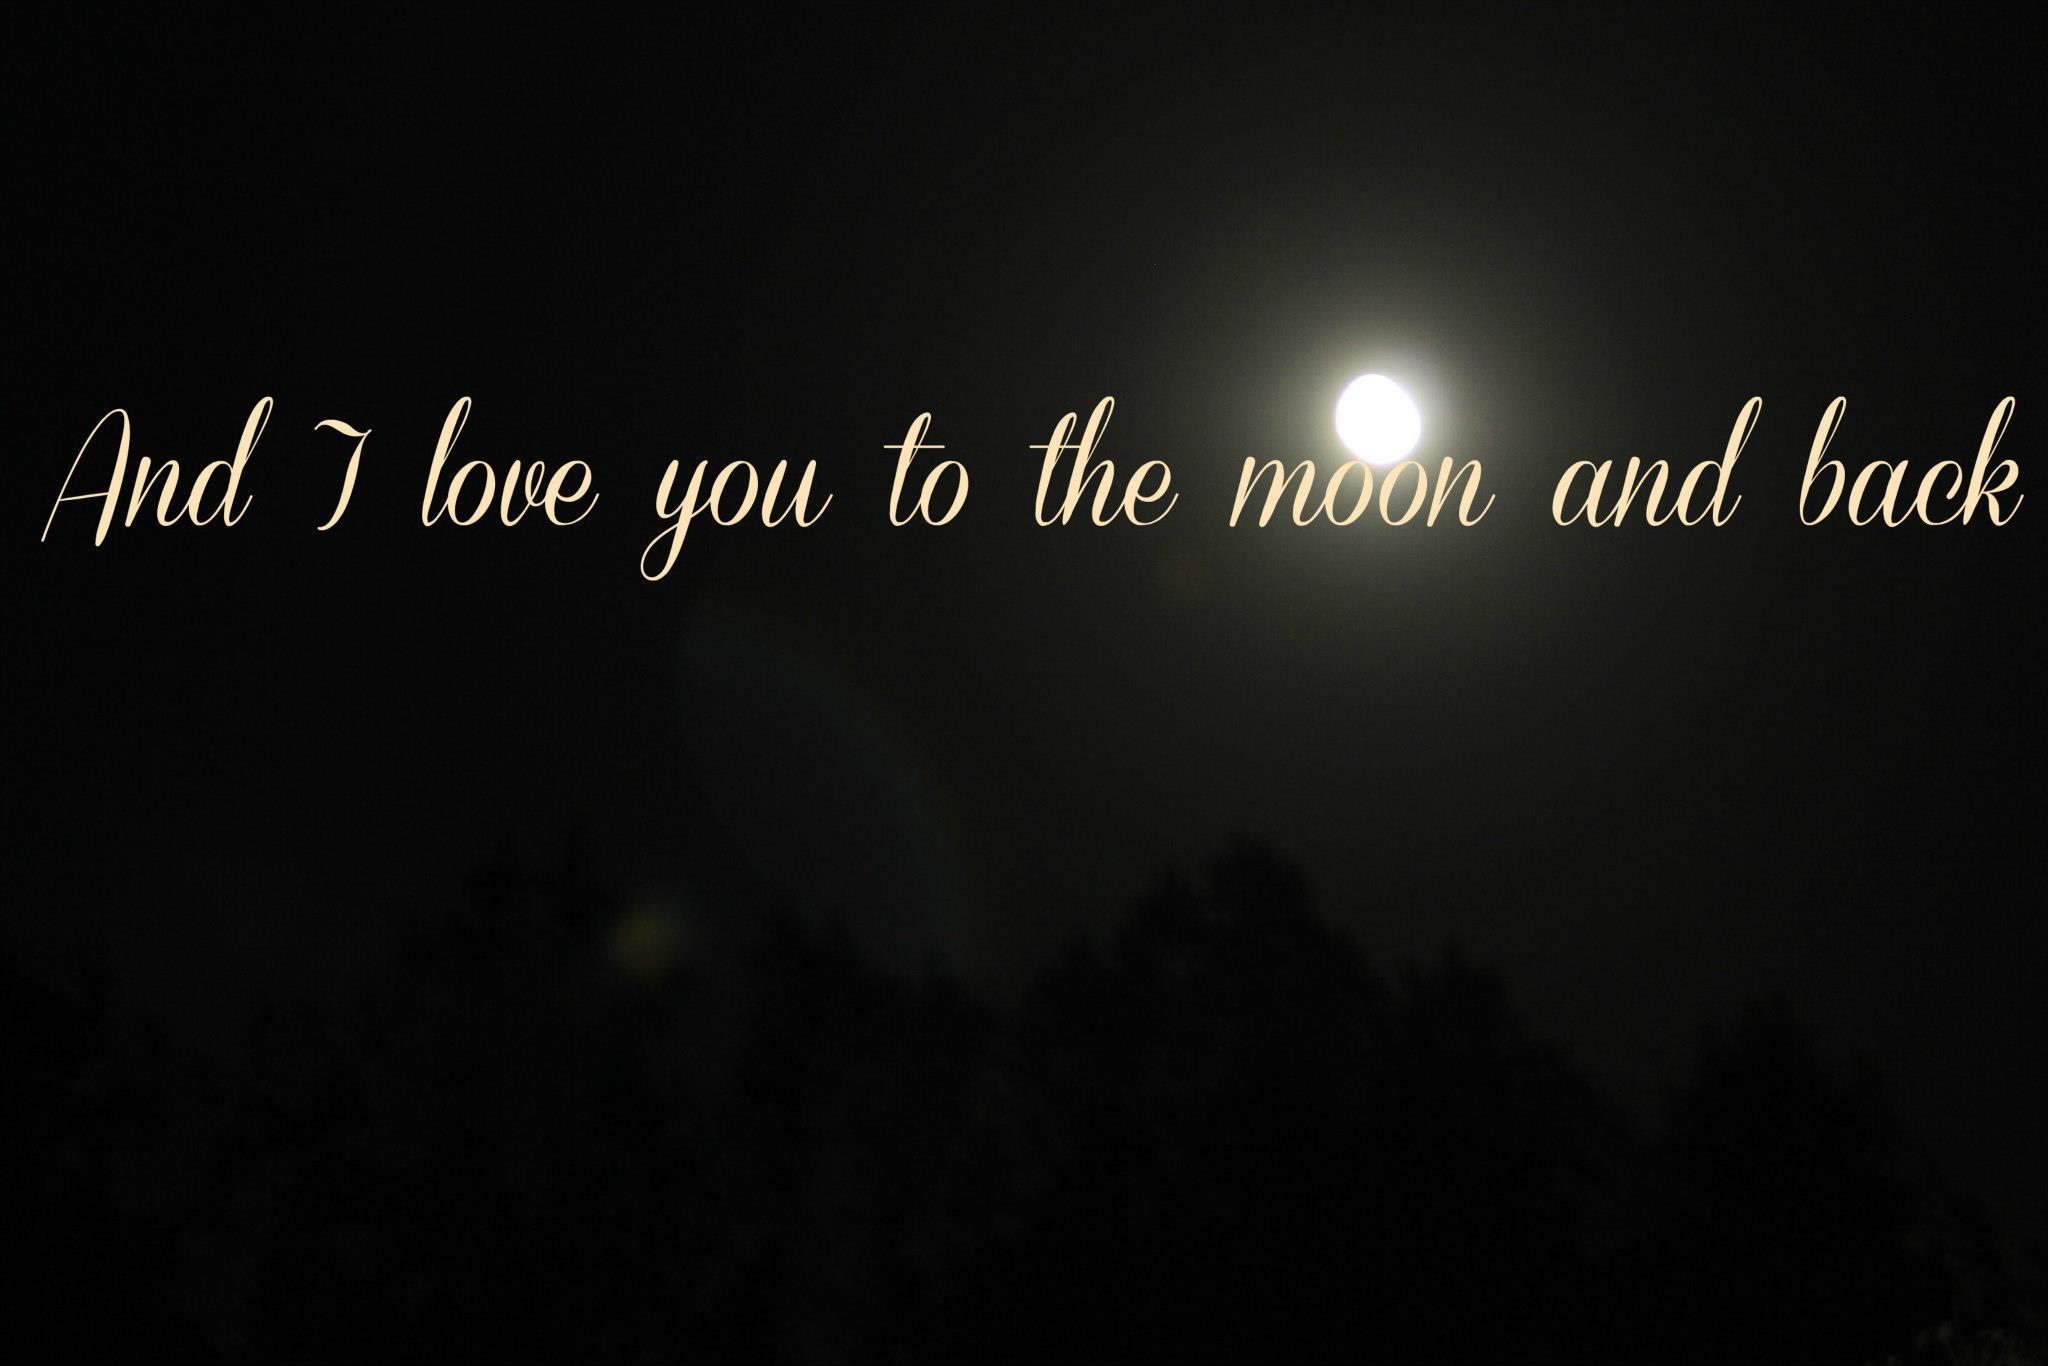 Moon quote #8